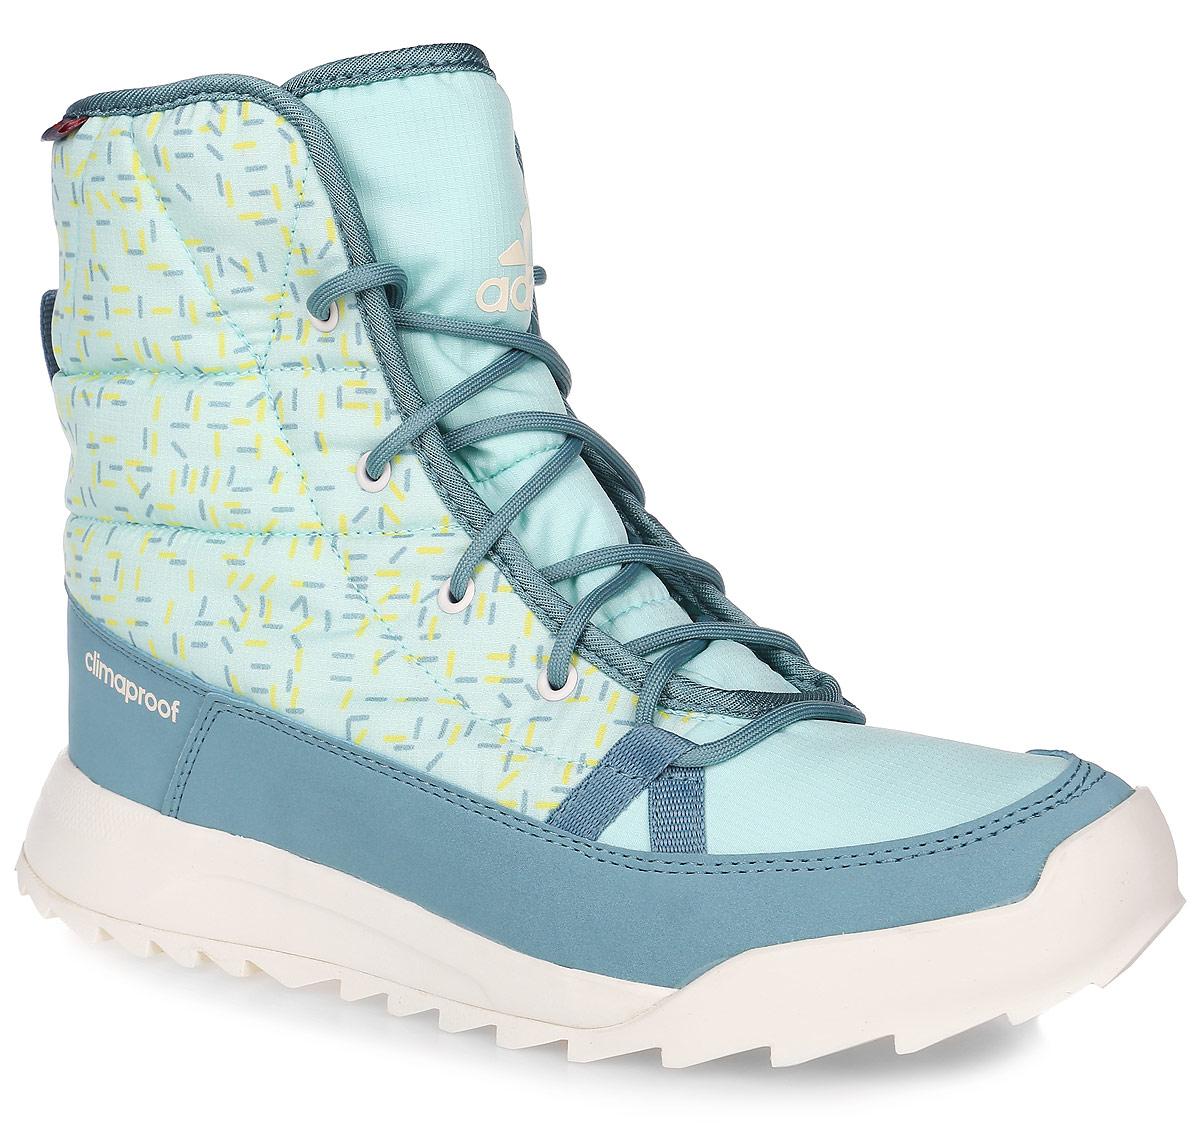 Ботинки женские adidas CW Choleah Padded C, цвет: мятный. AQ2024. Размер 5 (36,5)AQ2024Женские туристические ботинки CW Choleah Padded C от adidas, выполненные из водонепроницаемого материала Climaproof с утеплителем PrimaLoft сохранят ваши ноги в тепле и сухости на заснеженных тропах и холодных улицах. Высокотехнологичный синтетический наполнитель PrimaLoft продолжает греть даже во влажном состоянии. Текстильный верх с геометрическим принтом и дизайн адаптирован под особенности женской стопы. Модель дополнена вставками из синтетических материалов для износостойкости.Резиновая подошва Traxion с глубоким протектором для оптимального сцепления сохраняет свои свойства в течение долгого времени.